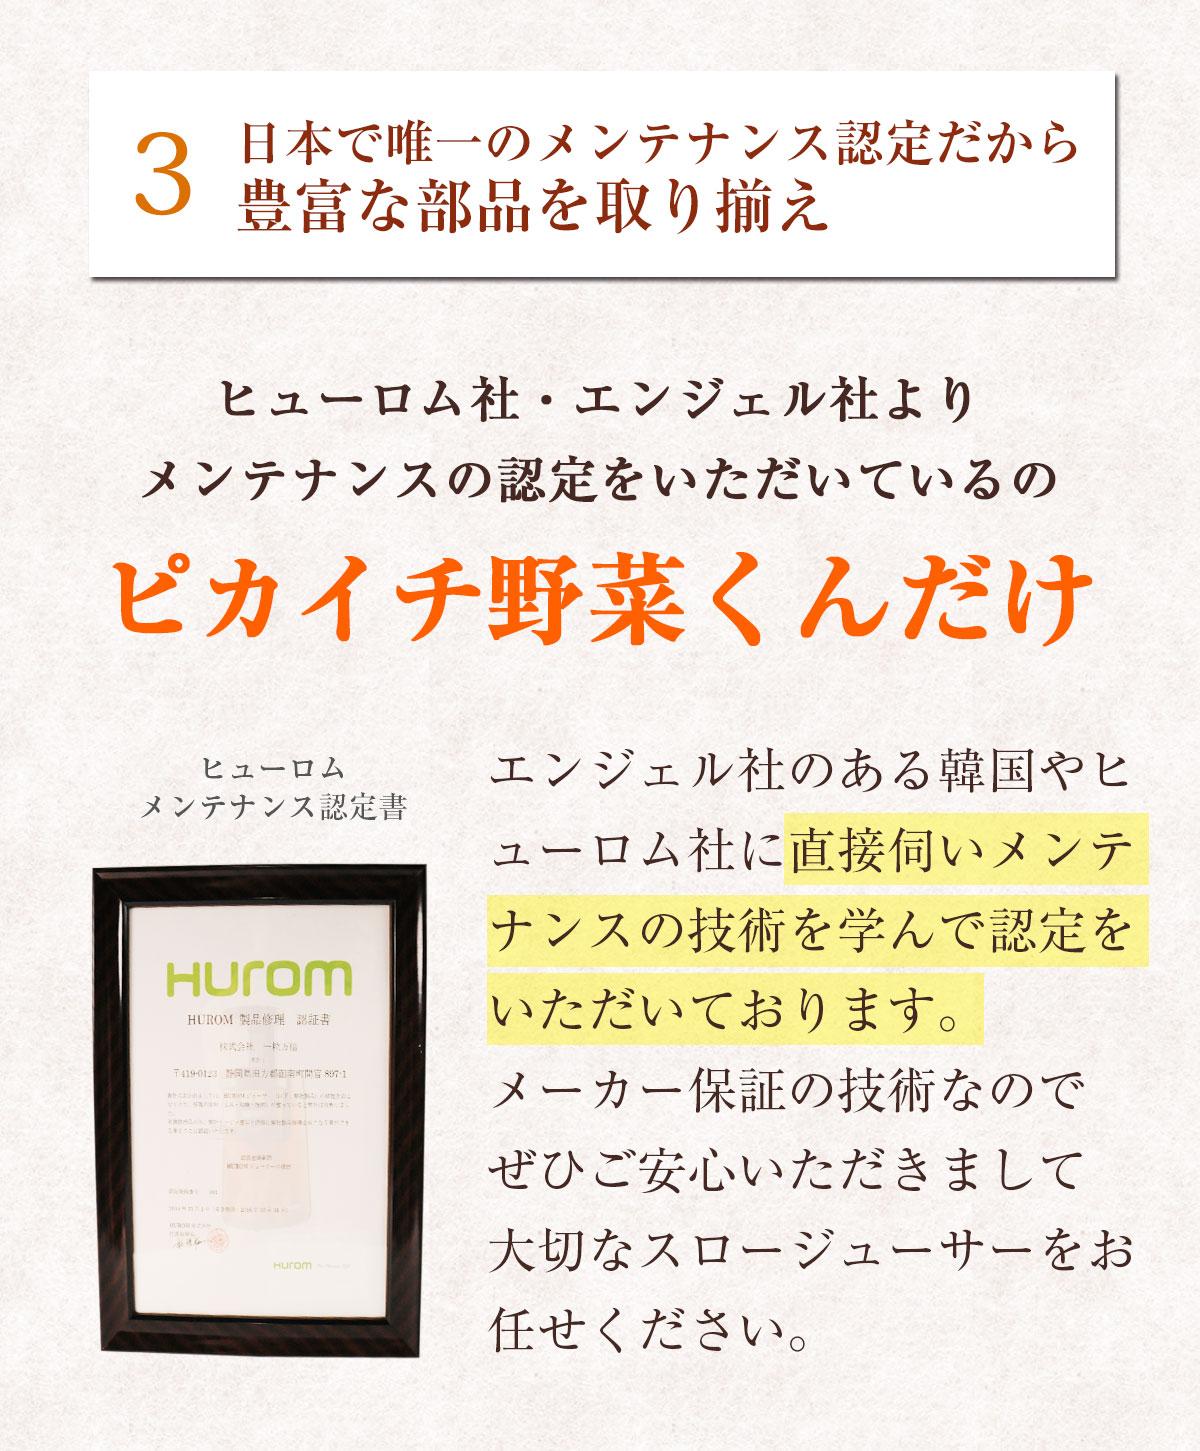 日本で唯一のメンテナンス認定だから豊富な部品を取り揃え